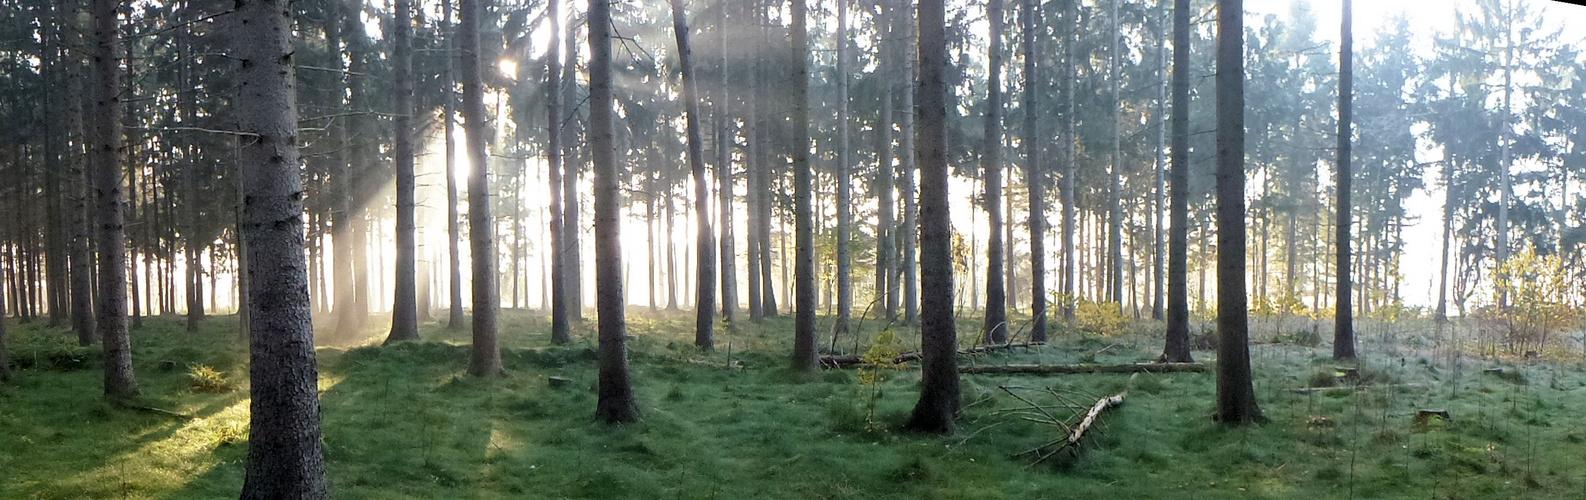 Novembermorgenstimmung im Wald